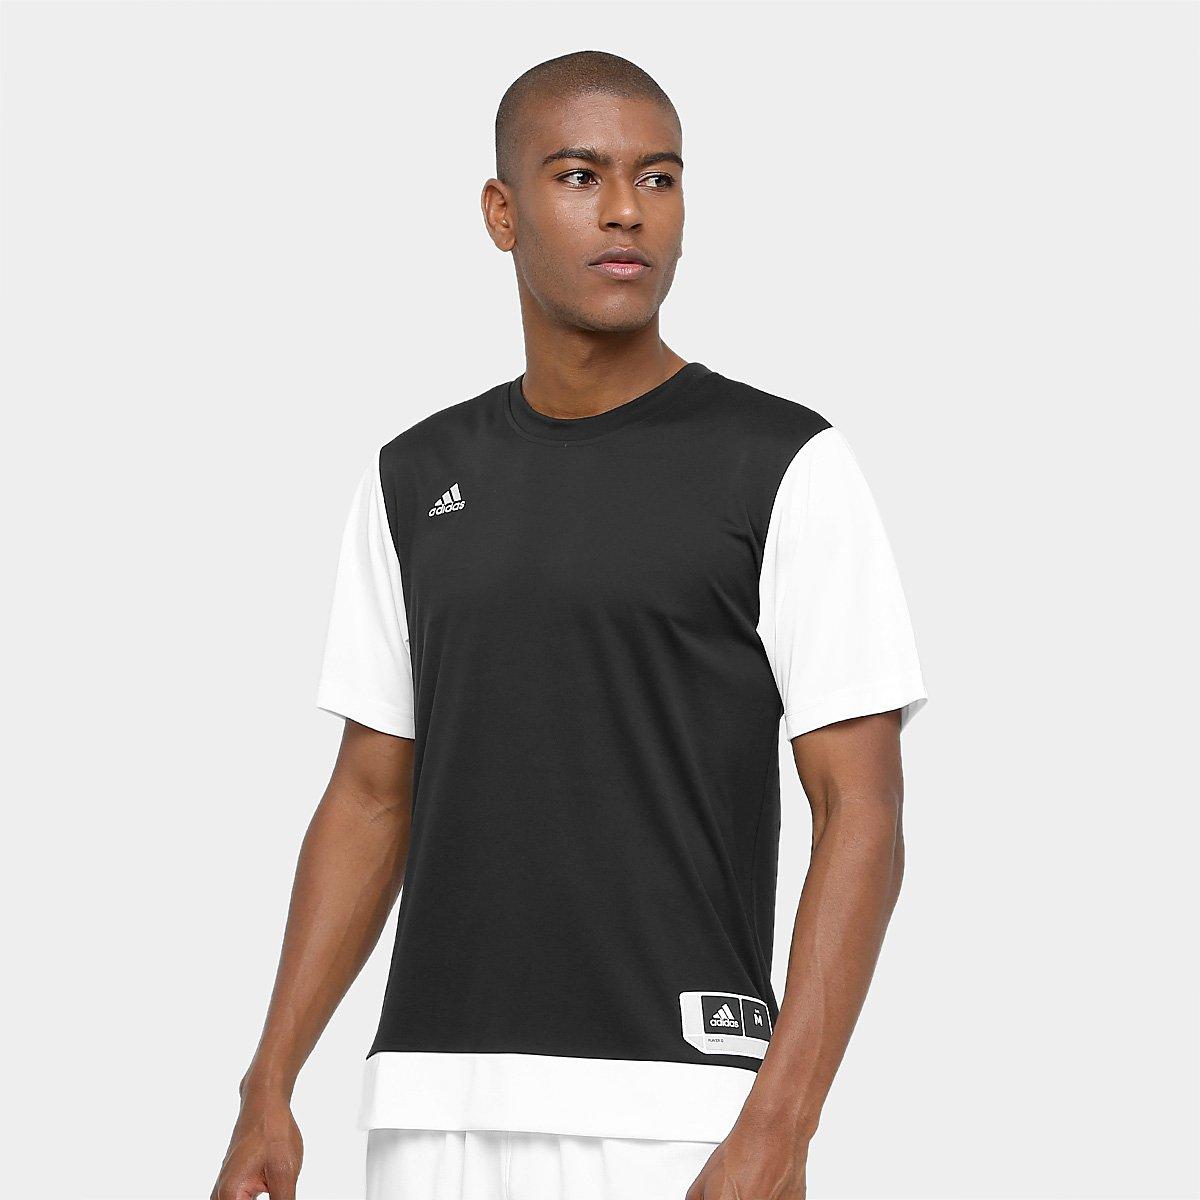 d5e1c5c1a57a2 Camiseta Adidas Teamstock Shoot Masculina - Preto - Compre Agora ...